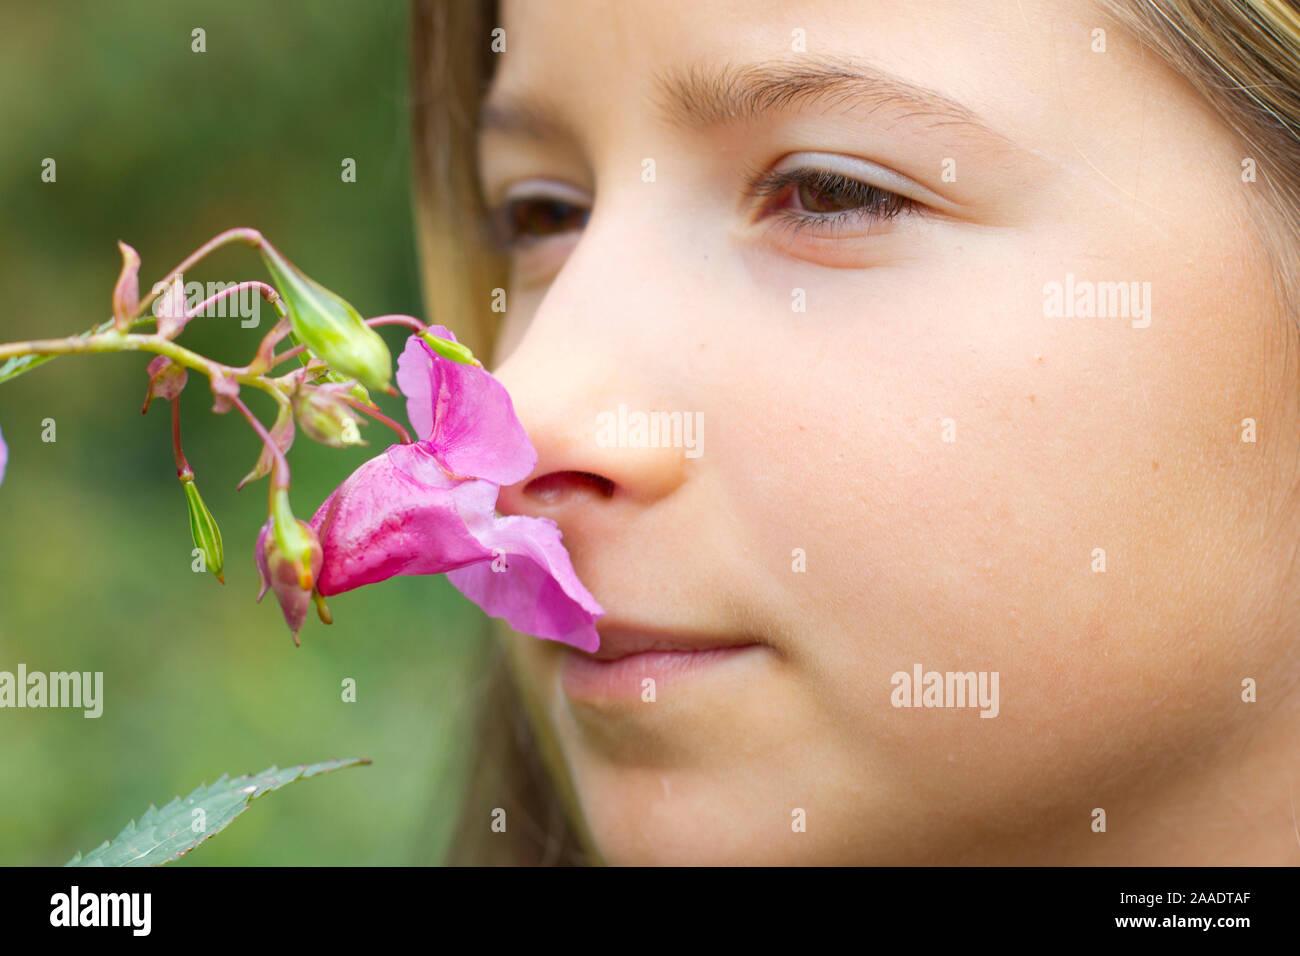 Impatiens glandulifera,Drüsiges Springkraut,Indisches Springkraut,Himalaya-Balsamine,Bauernorchidee,Familie der Balsaminengewächse (de las Balsamináceas) Foto de stock